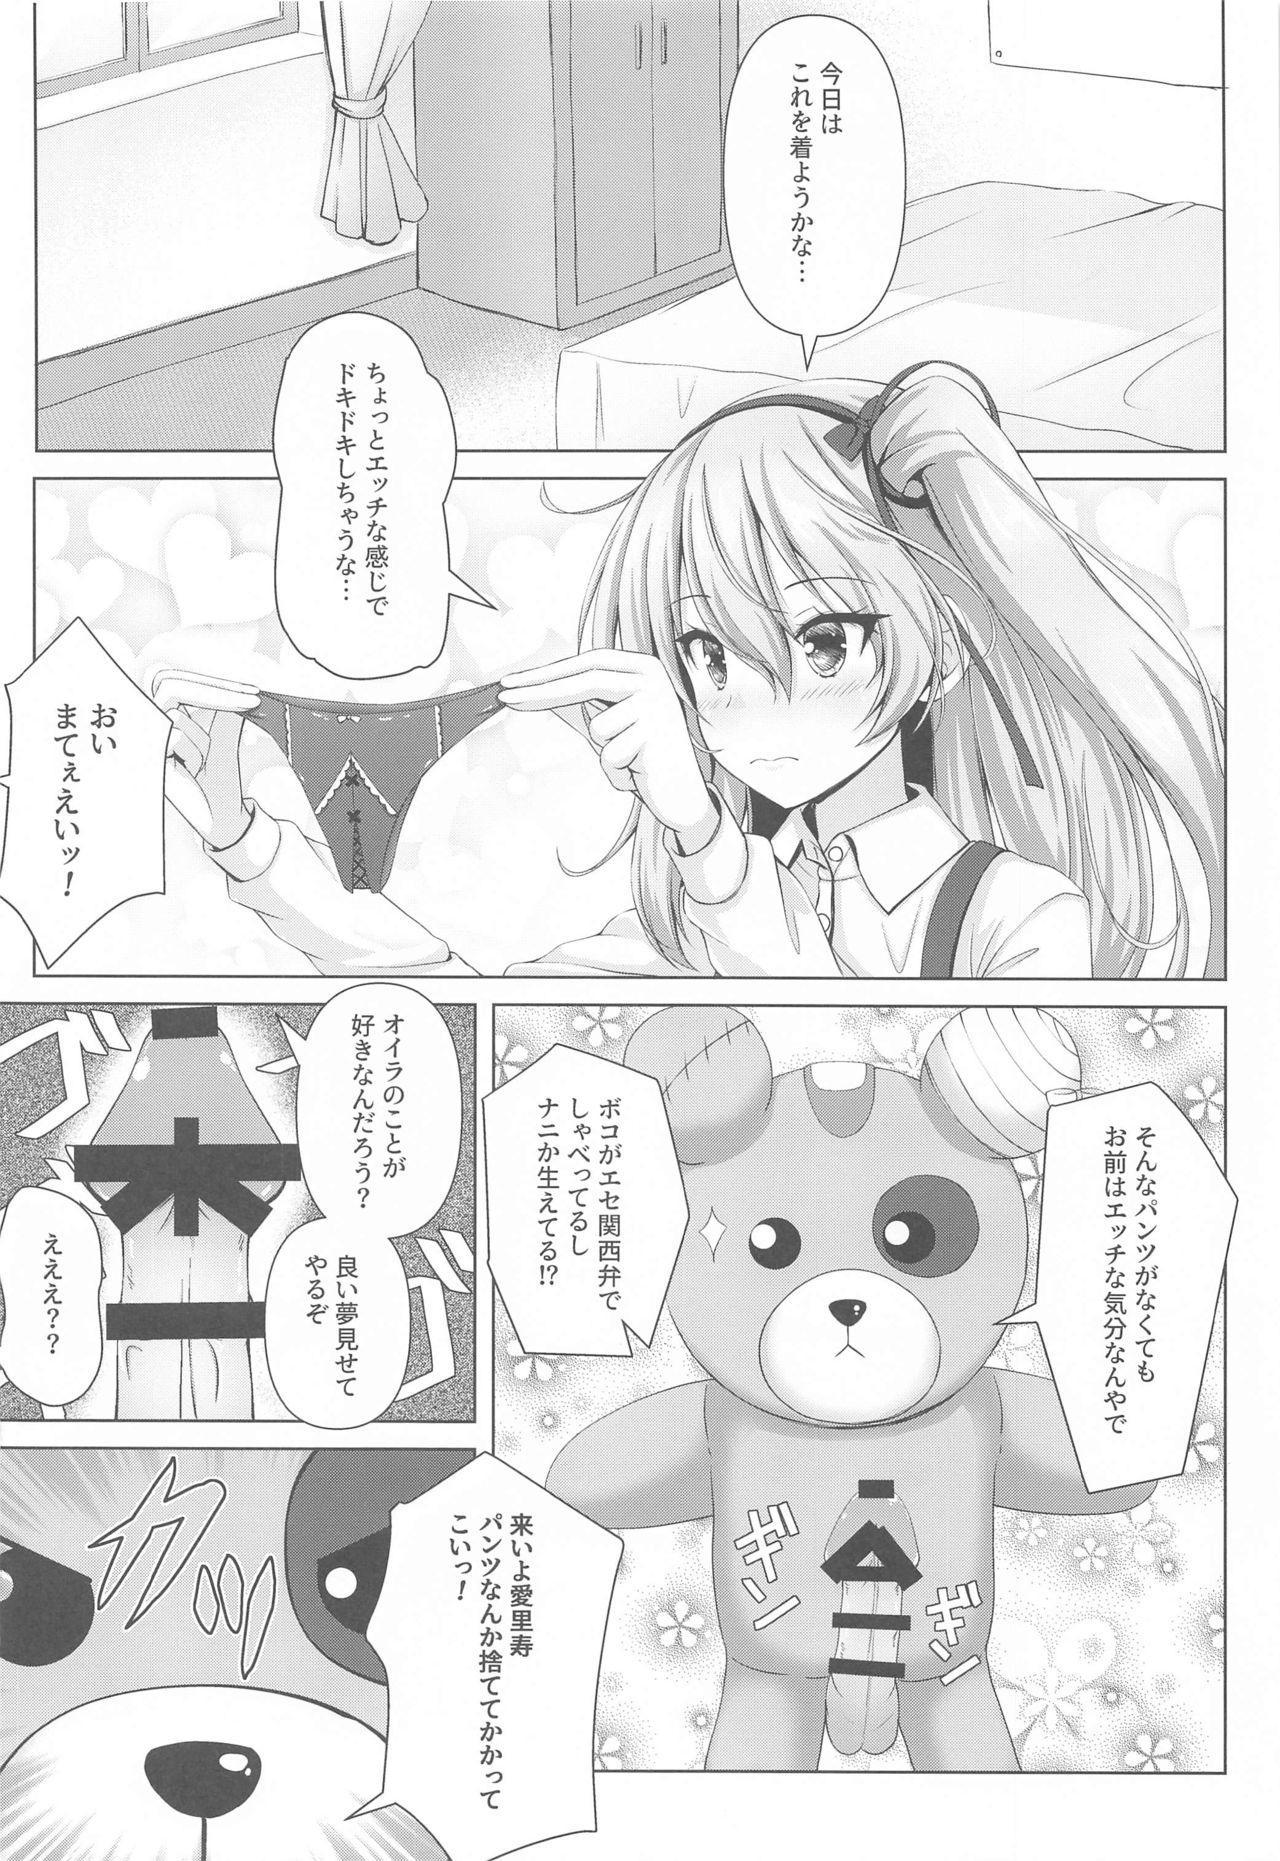 Arisu-chan no Erohon 2